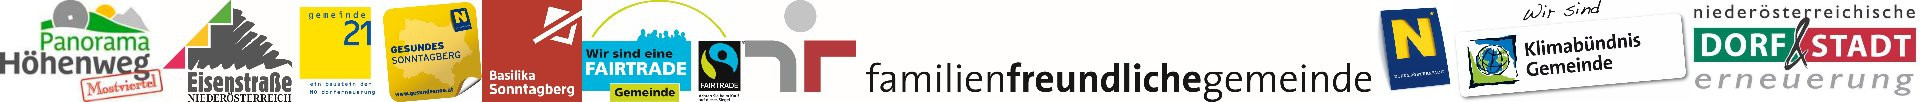 Logoleiste 2020.jpg